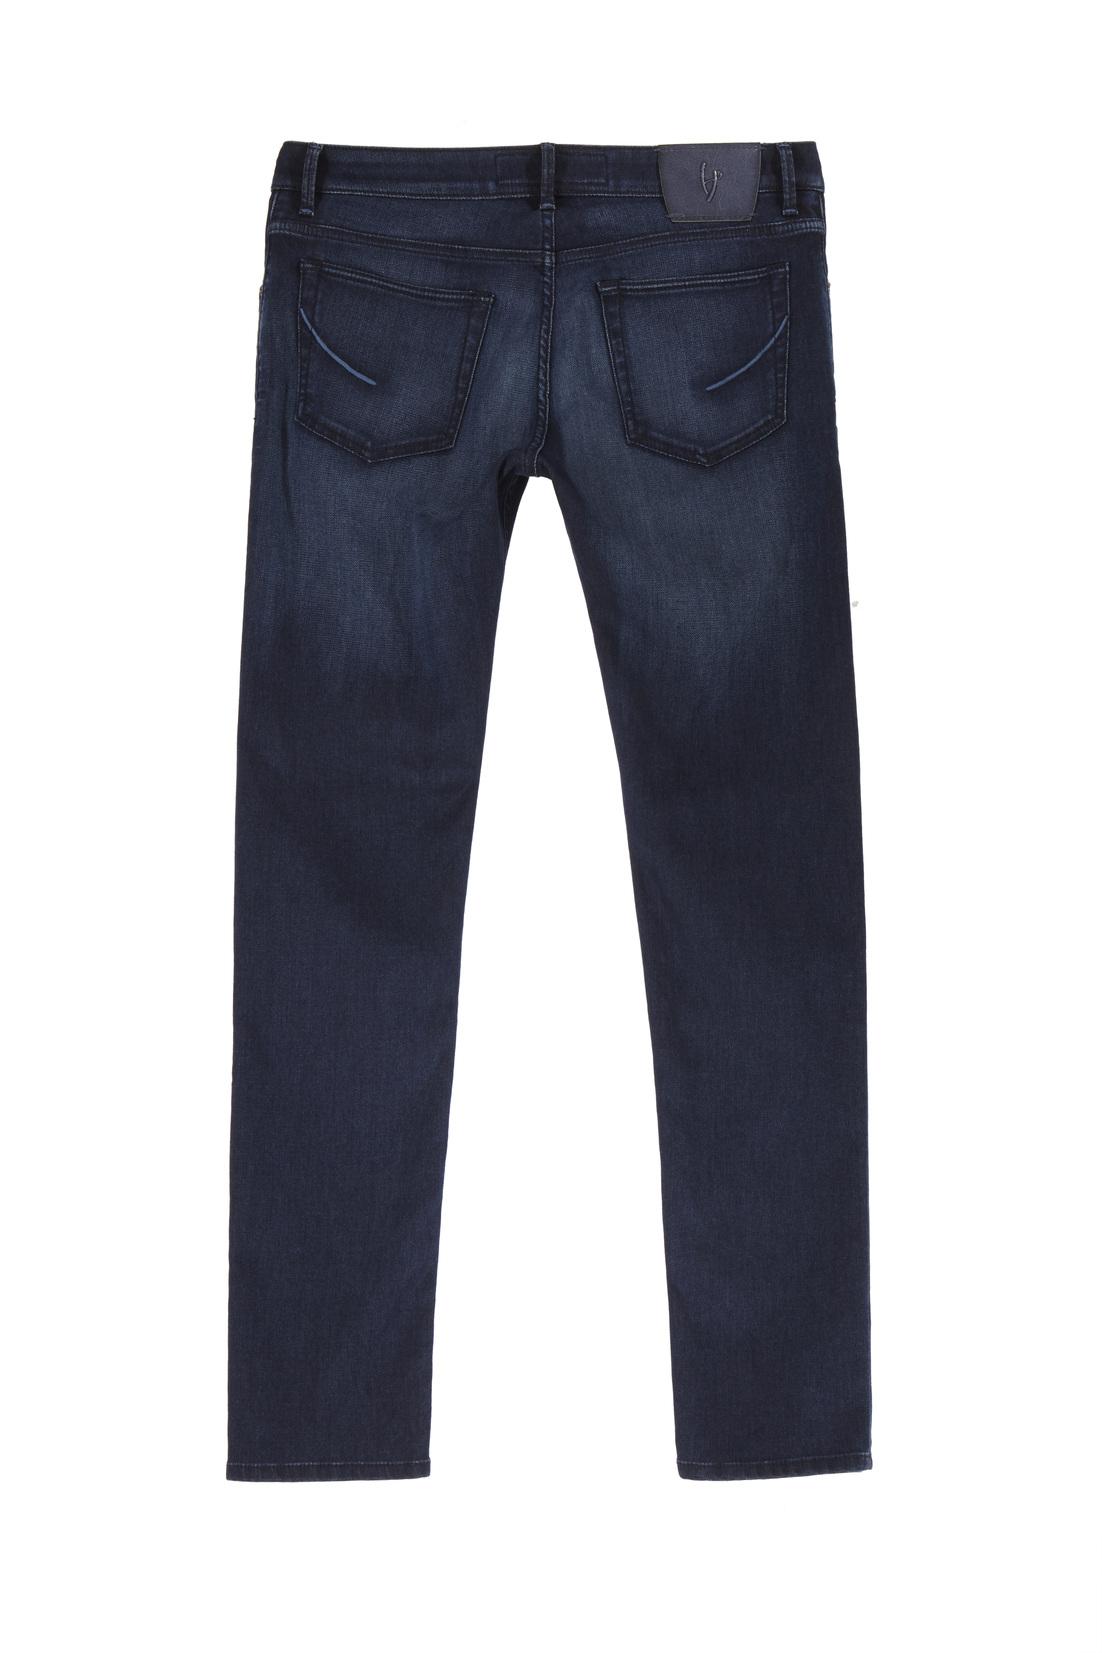 Retro dei jeans Handpicked con particolari cuciture sulle tasche